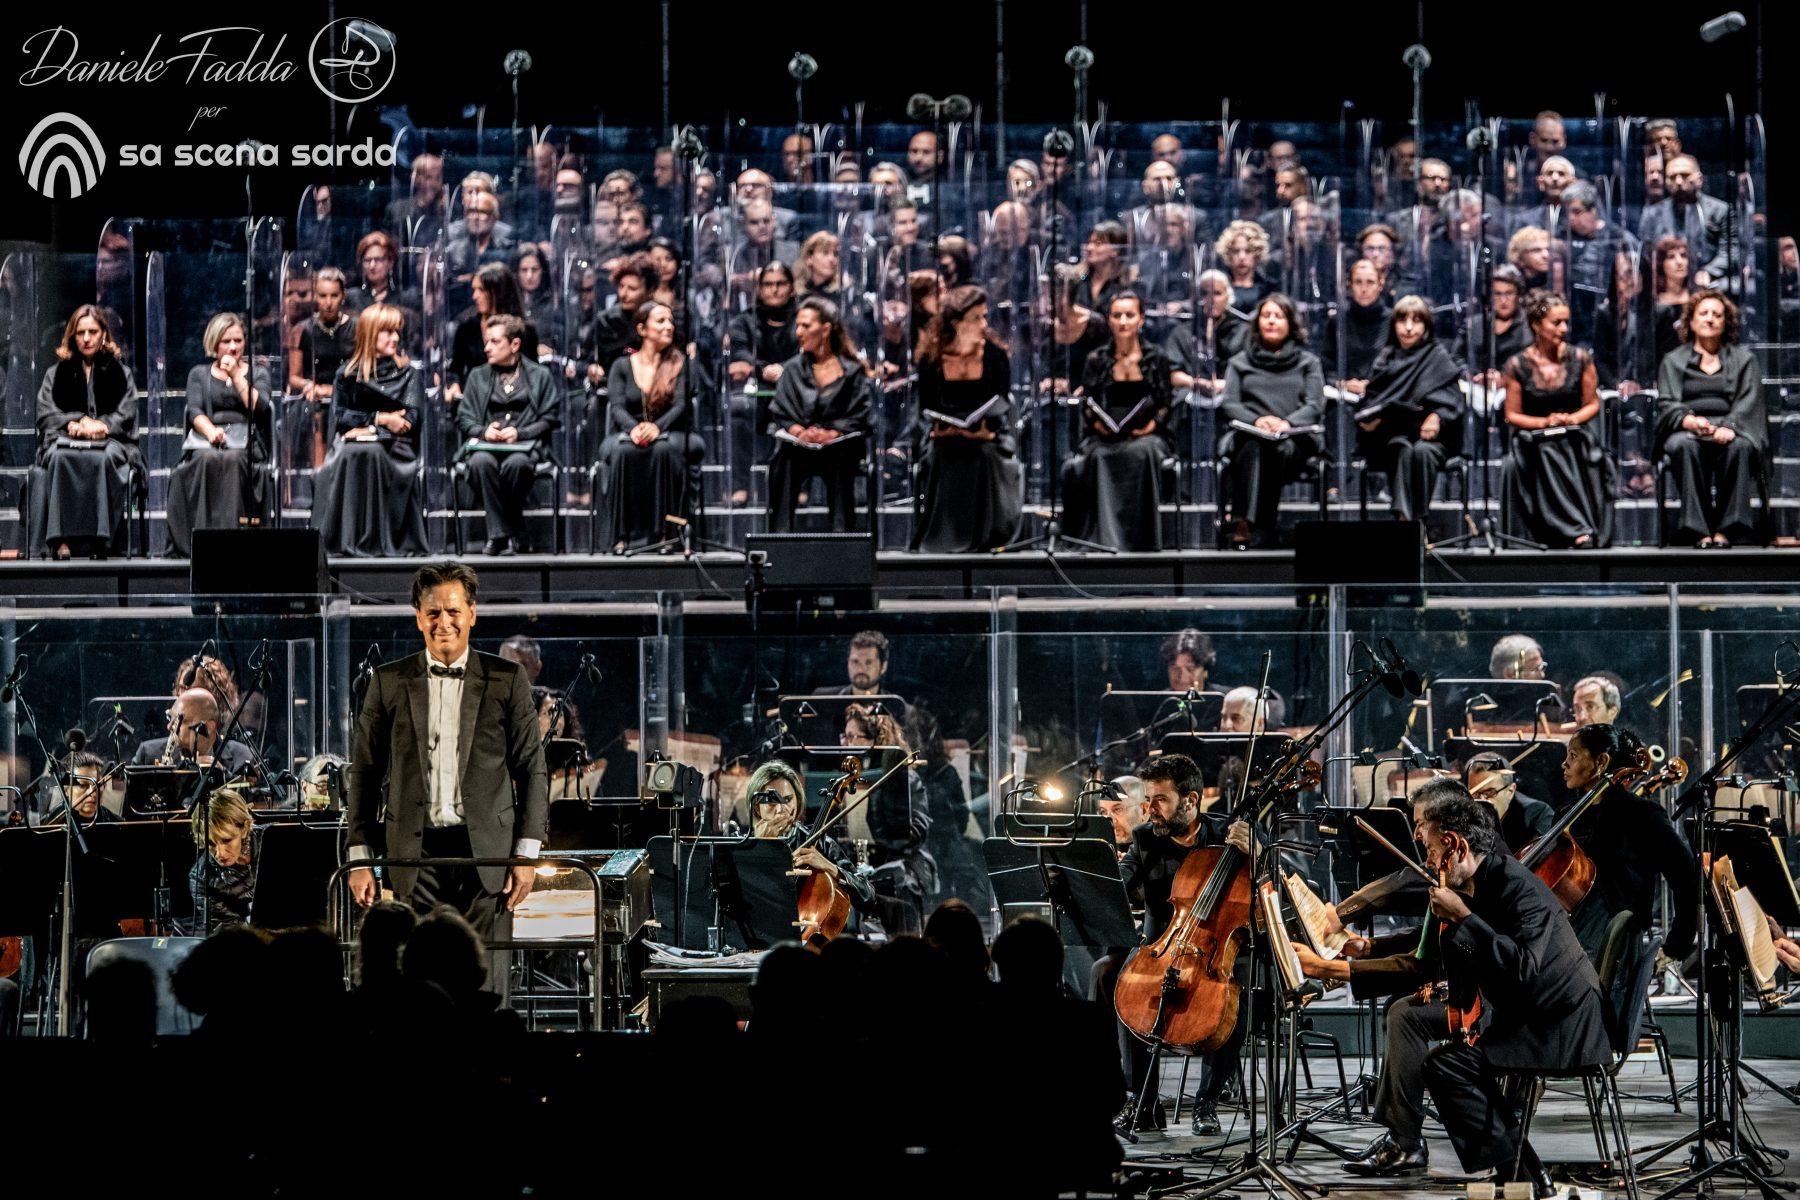 Morricone dirige Morricone - Omaggio ad Ennio Morricone - Andrea Morricone omaggia il padre Ennio - Daniele Fadda - Teatro Lirico - Arena Parco della Musica - Cagliari - 2020 - Sa Scena Sarda - 25 settembre 2020